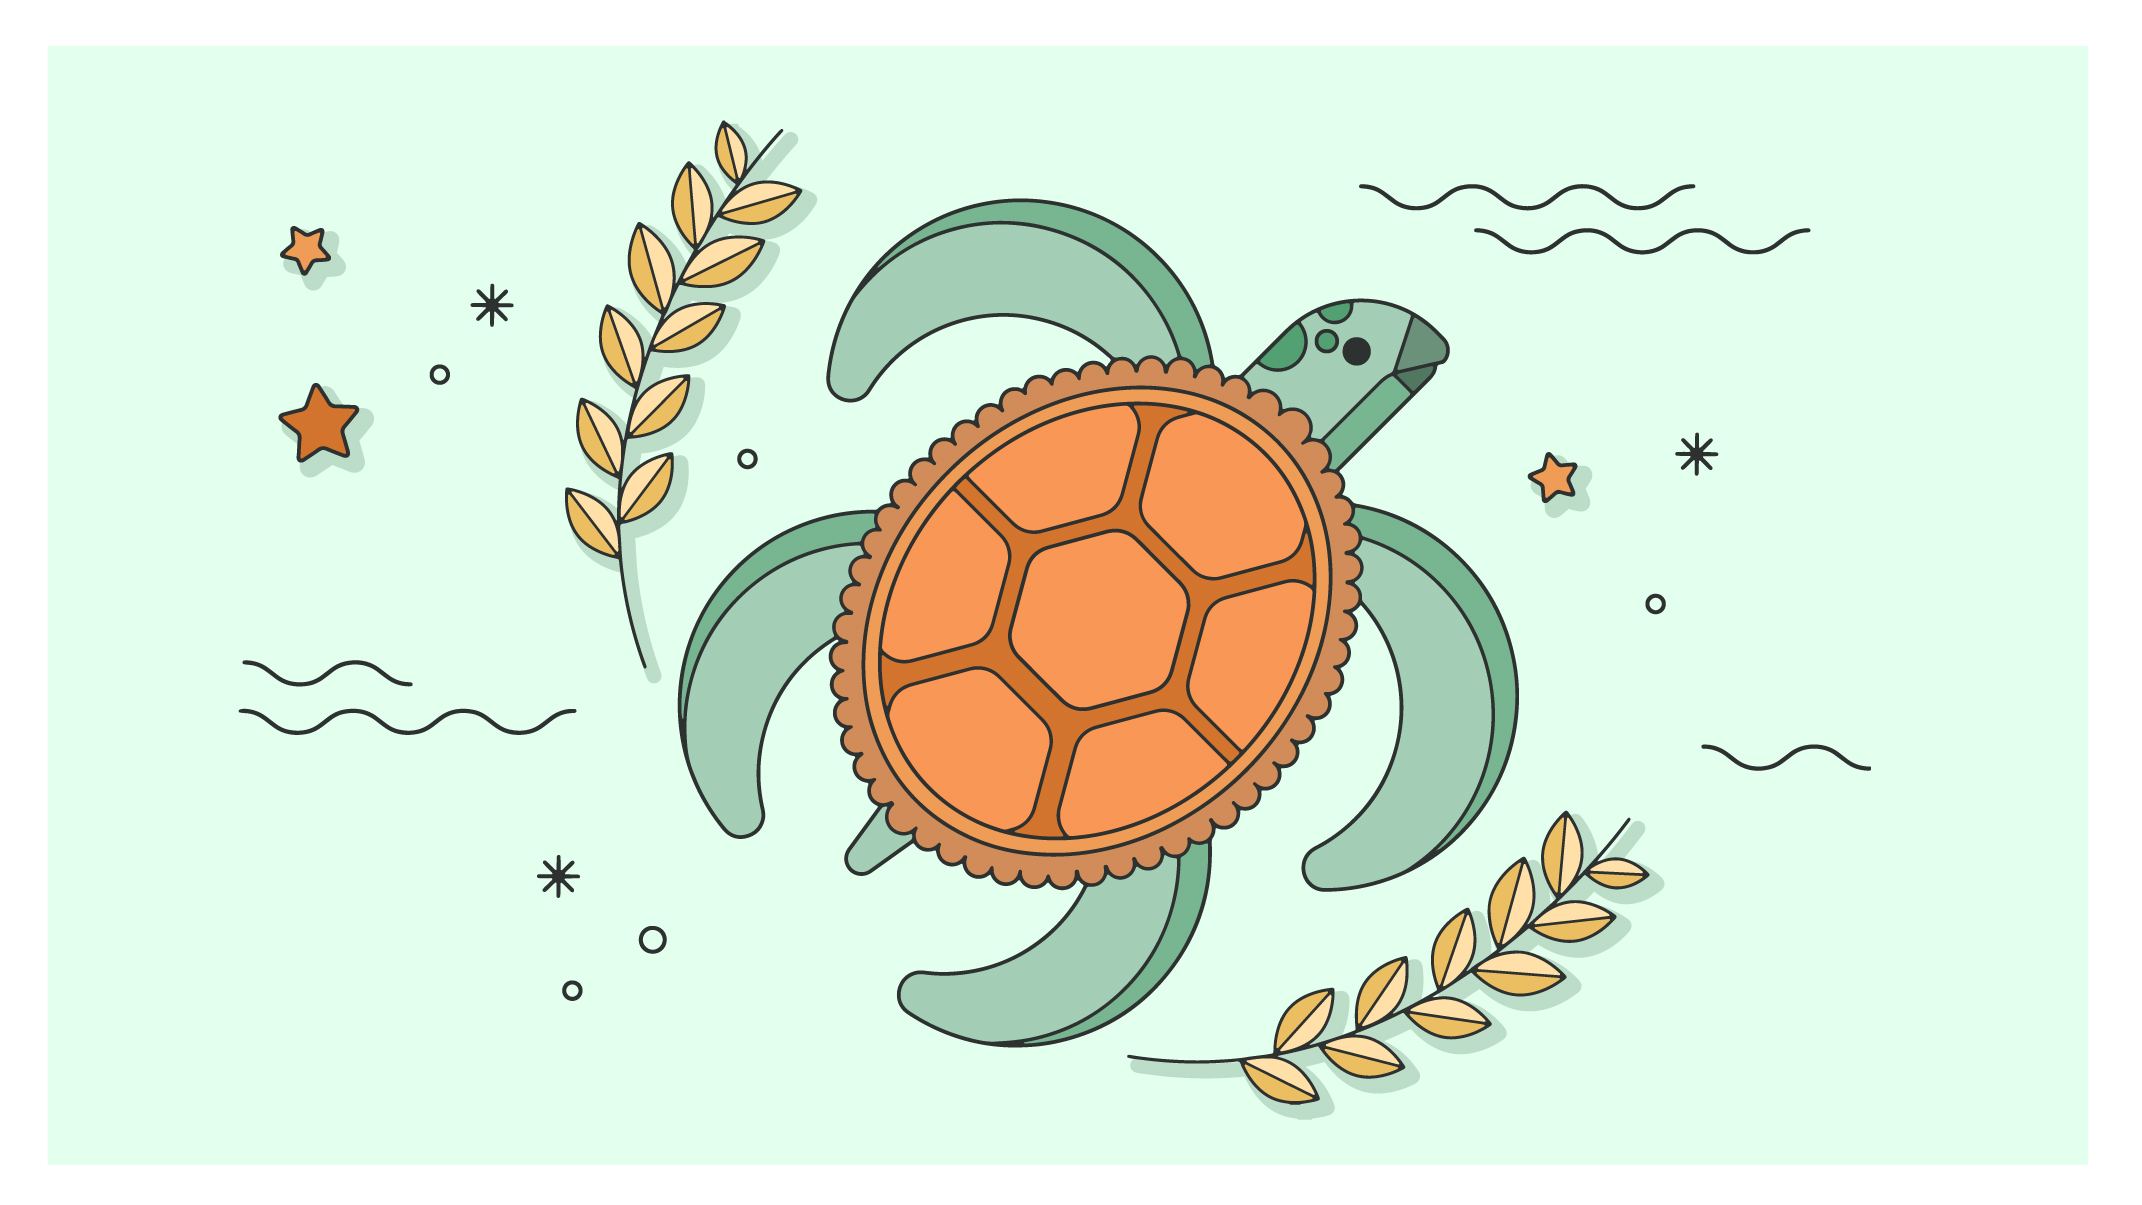 海龜q版 免費下載 | 天天瘋後製